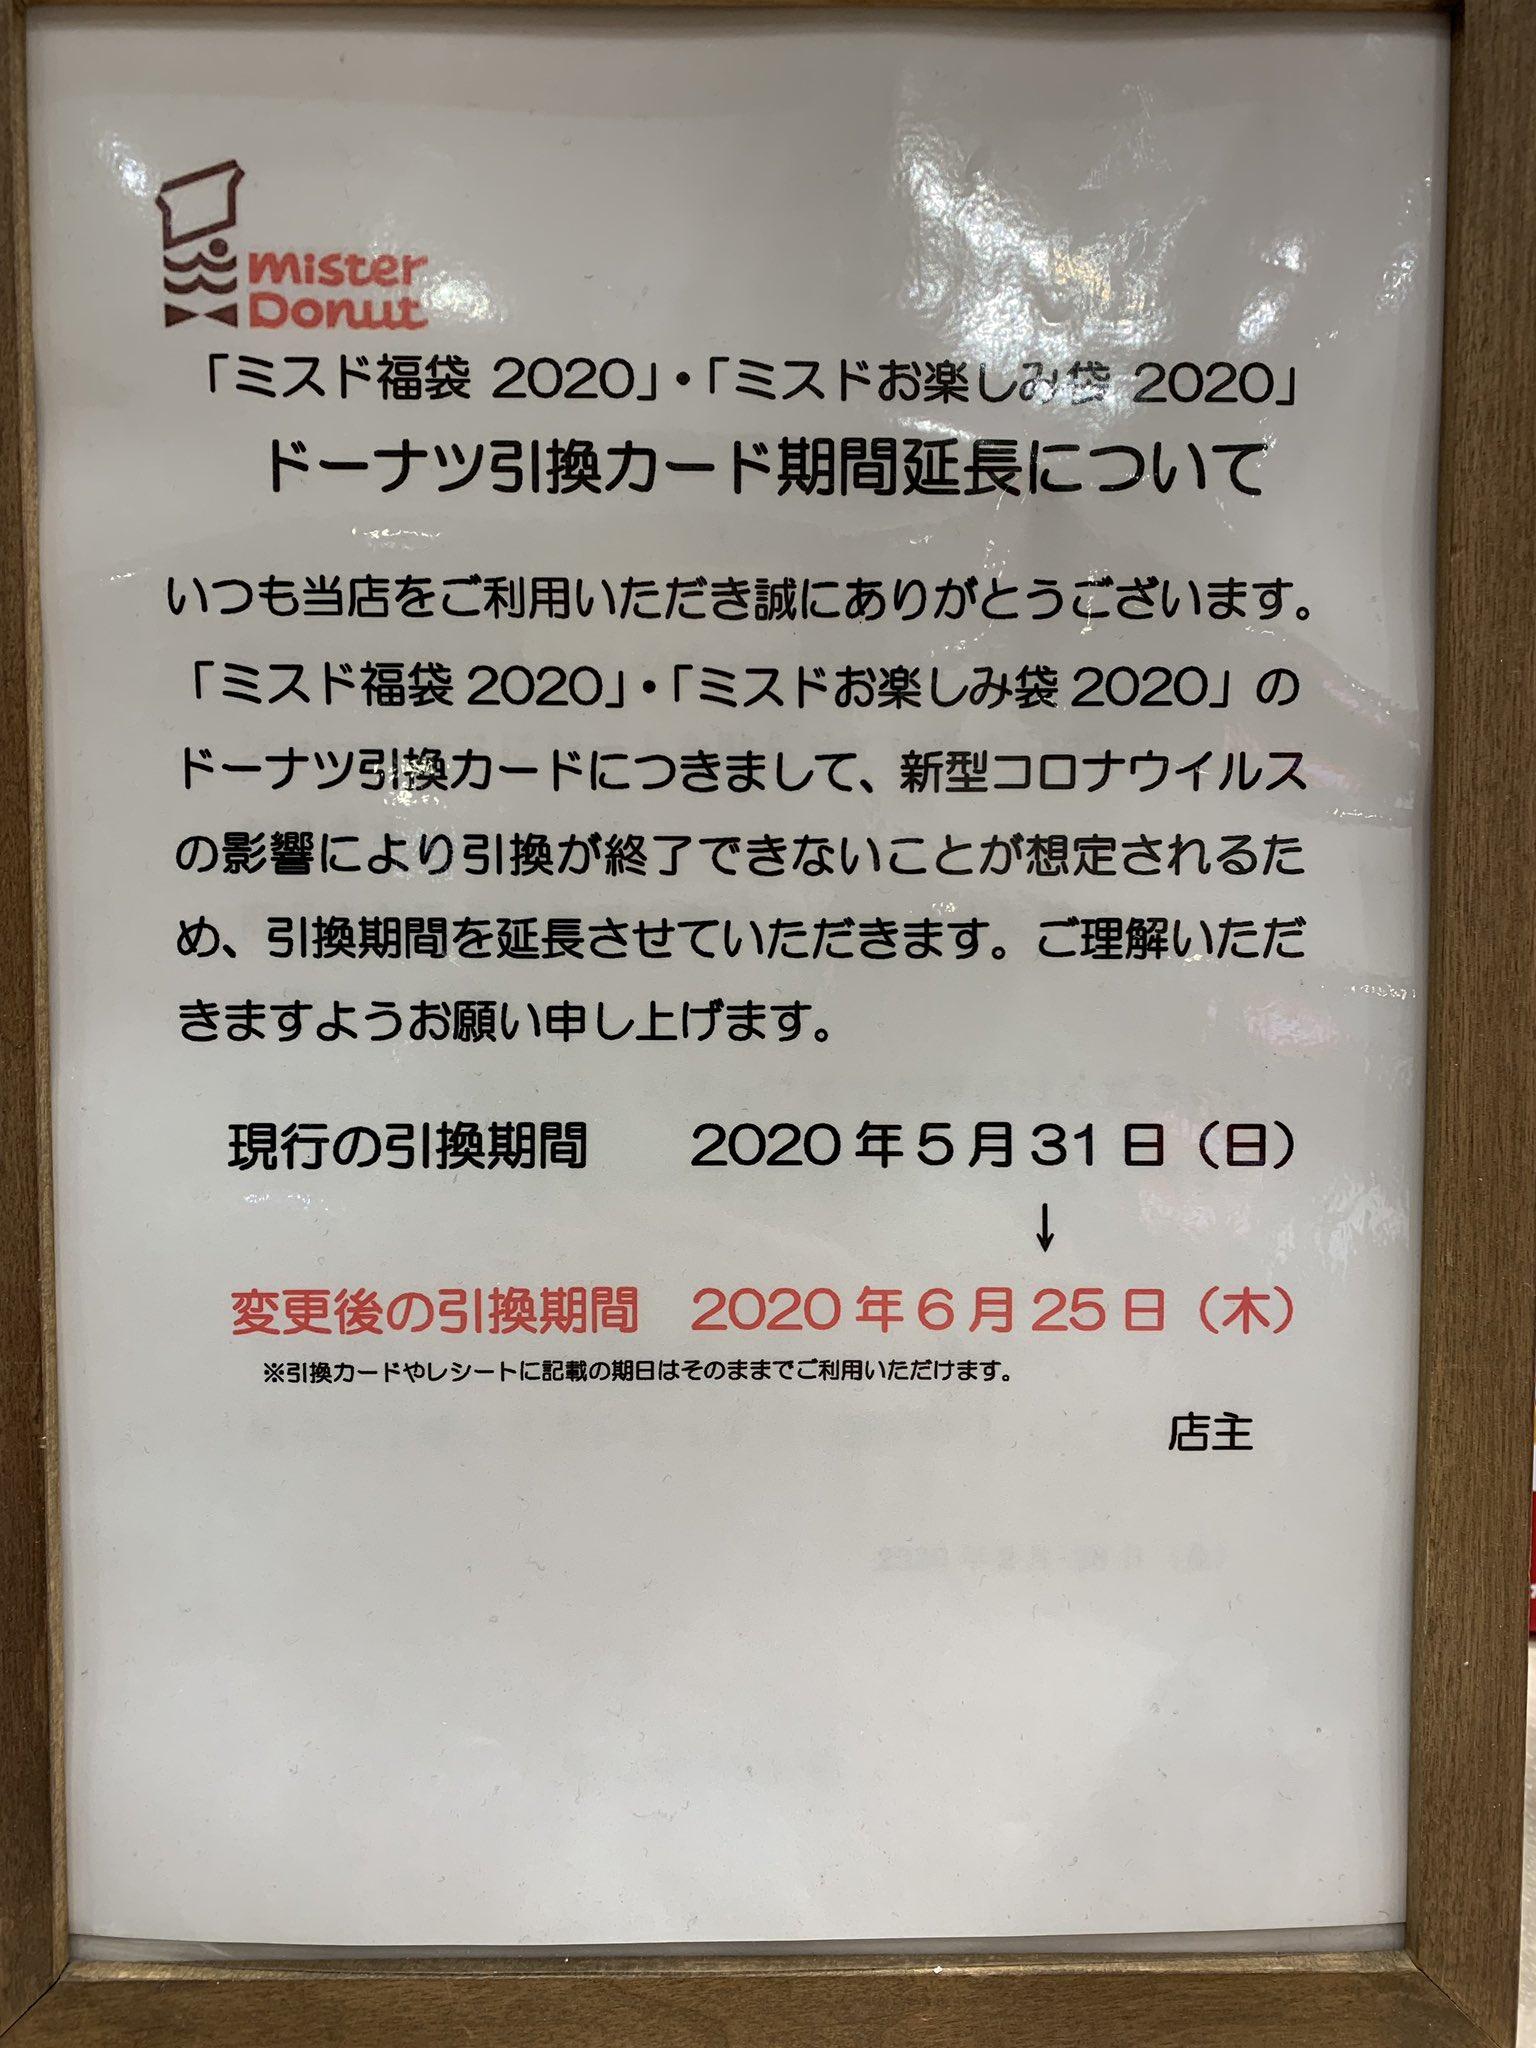 延長 ミスド 福袋